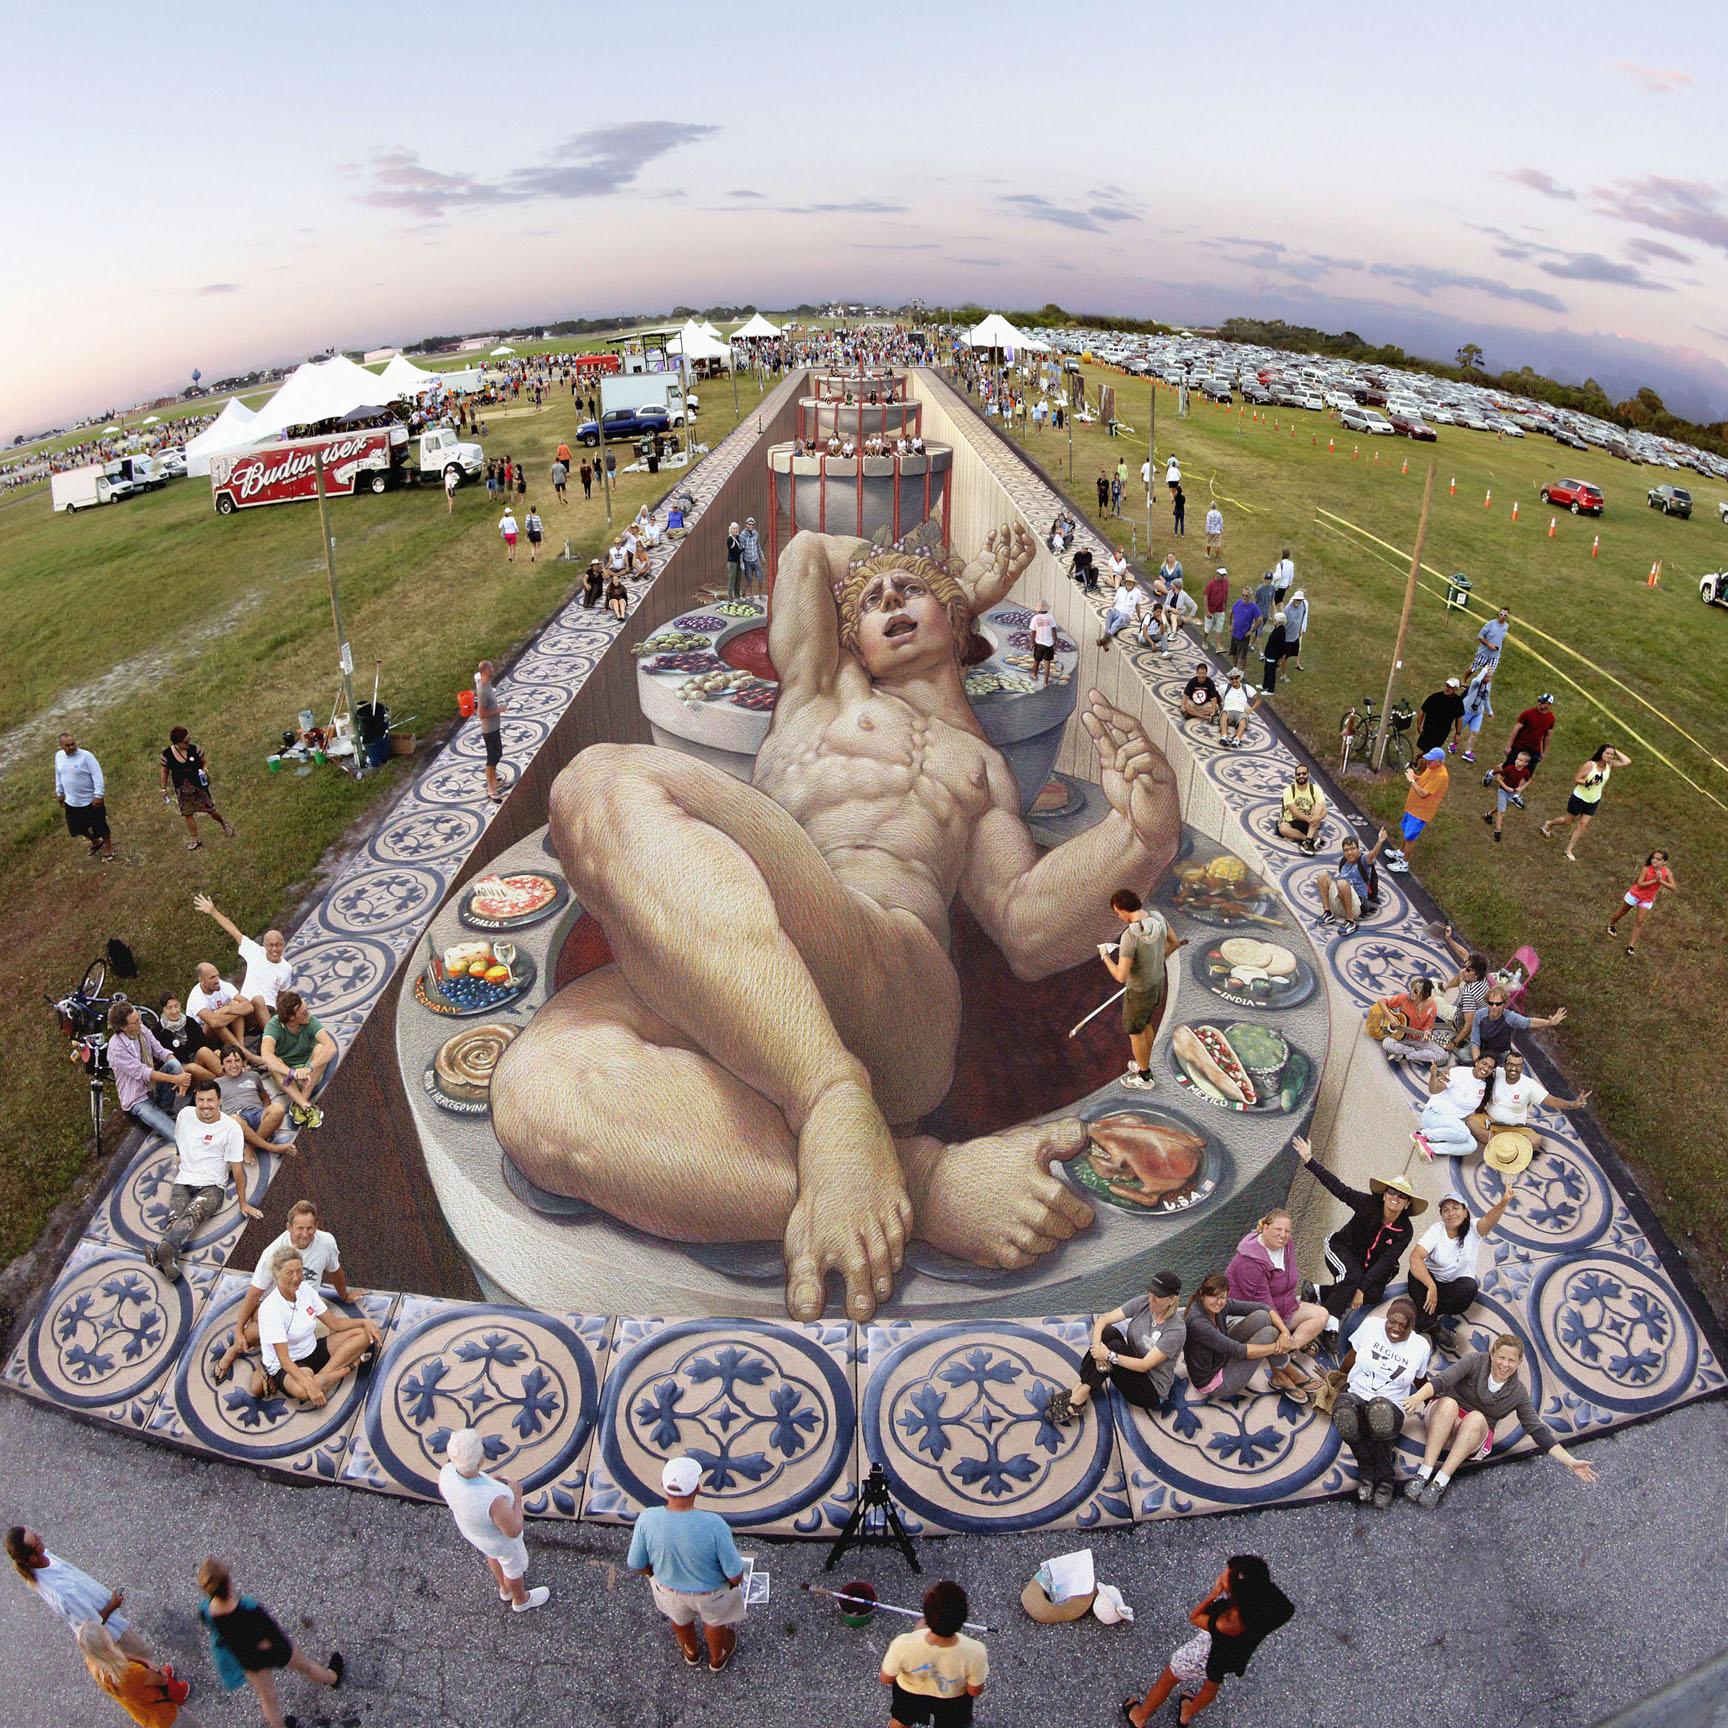 3D obrázky patria k neoddeliteľnej súčasti street artu. čo hovoríte na tento umelecký štýl?